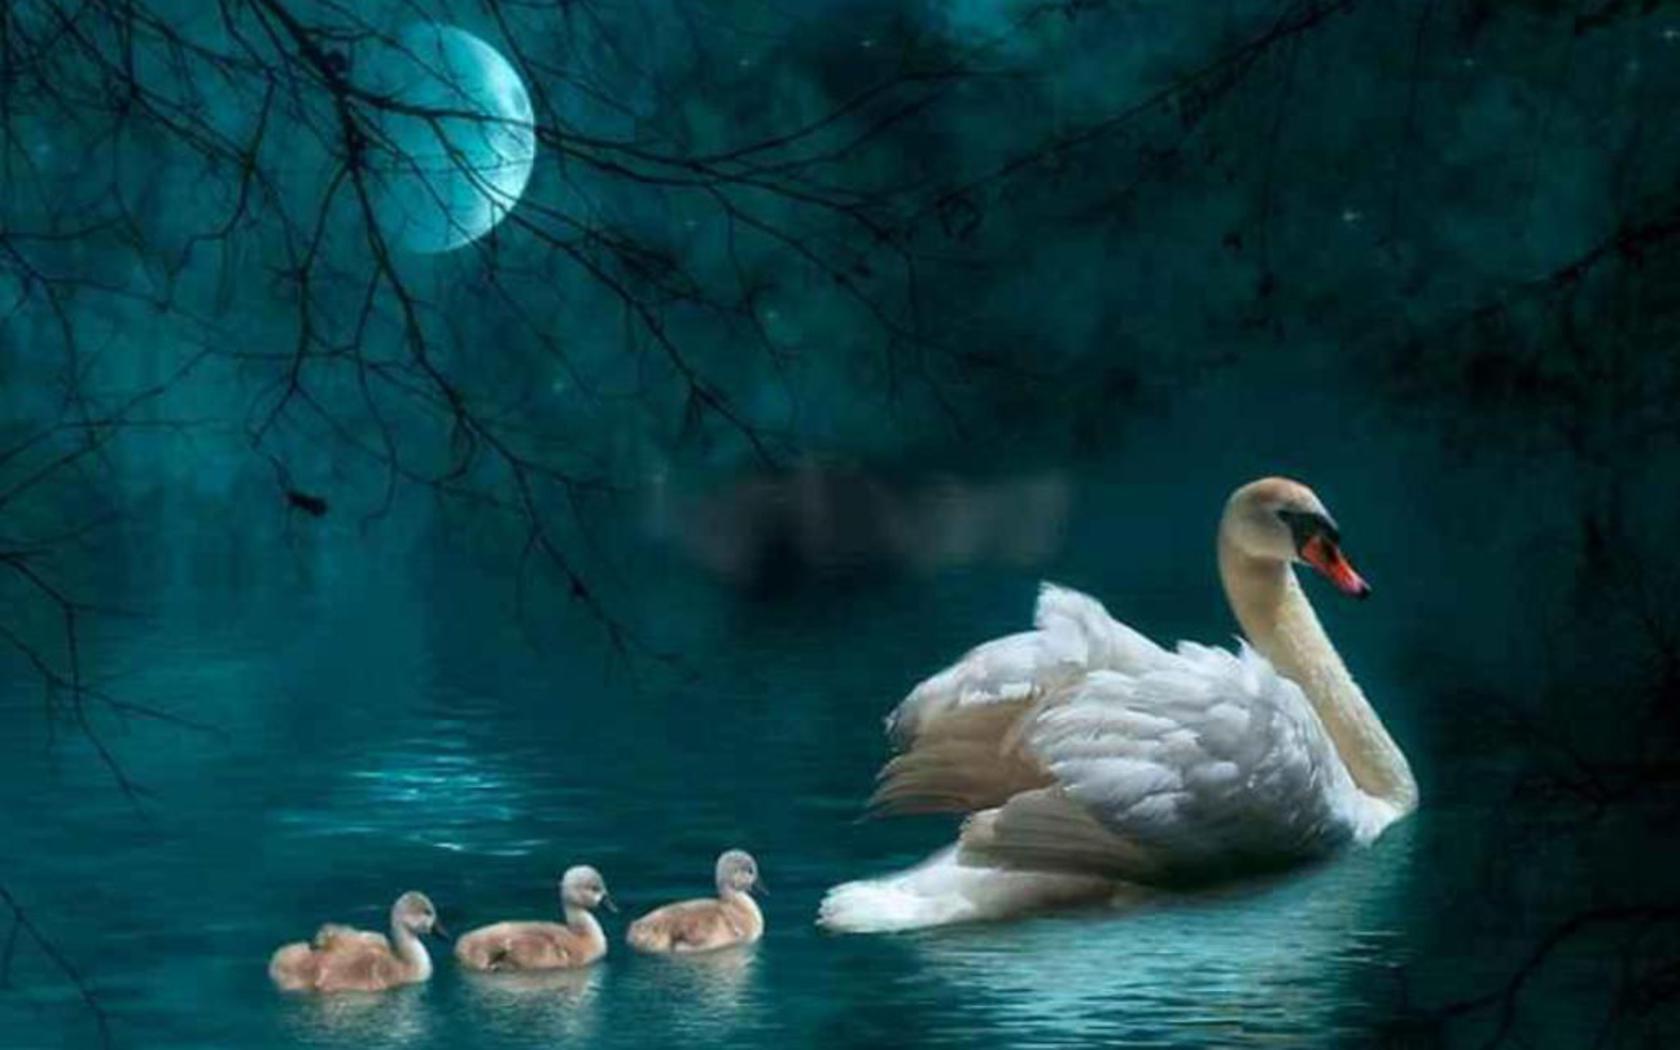 Поздравляю с Днем Матери !! Всех Мамочек, Бабушек и тех, кто в скором времени готовится стать Мамой !!